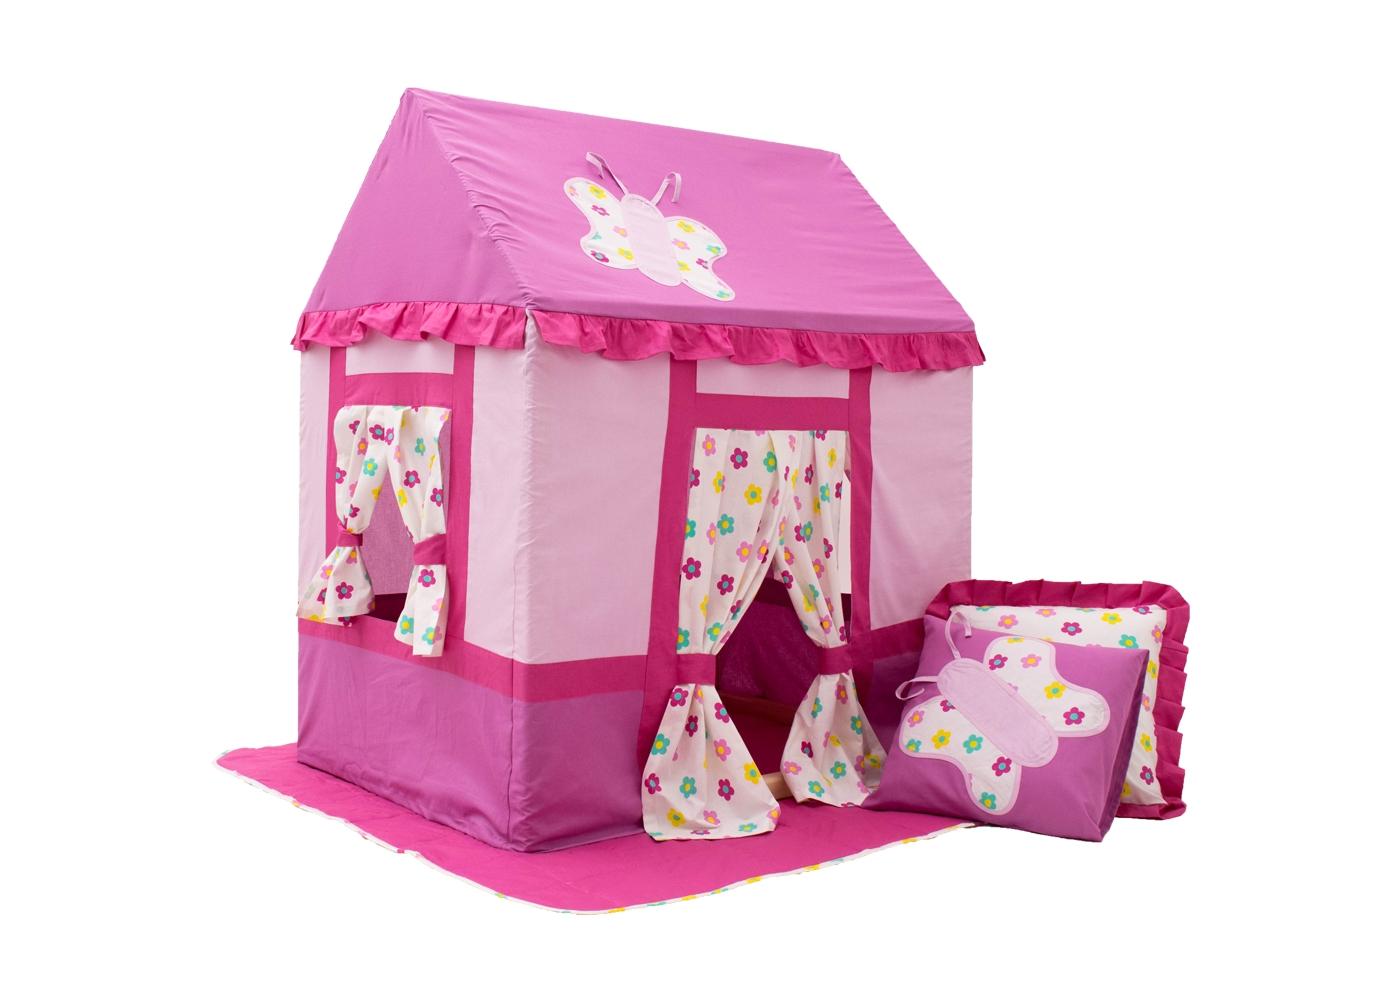 Палатка Цветочная феяДетские домики<br><br><br>Material: Хлопок<br>Width см: 73,5<br>Depth см: 100<br>Height см: 118